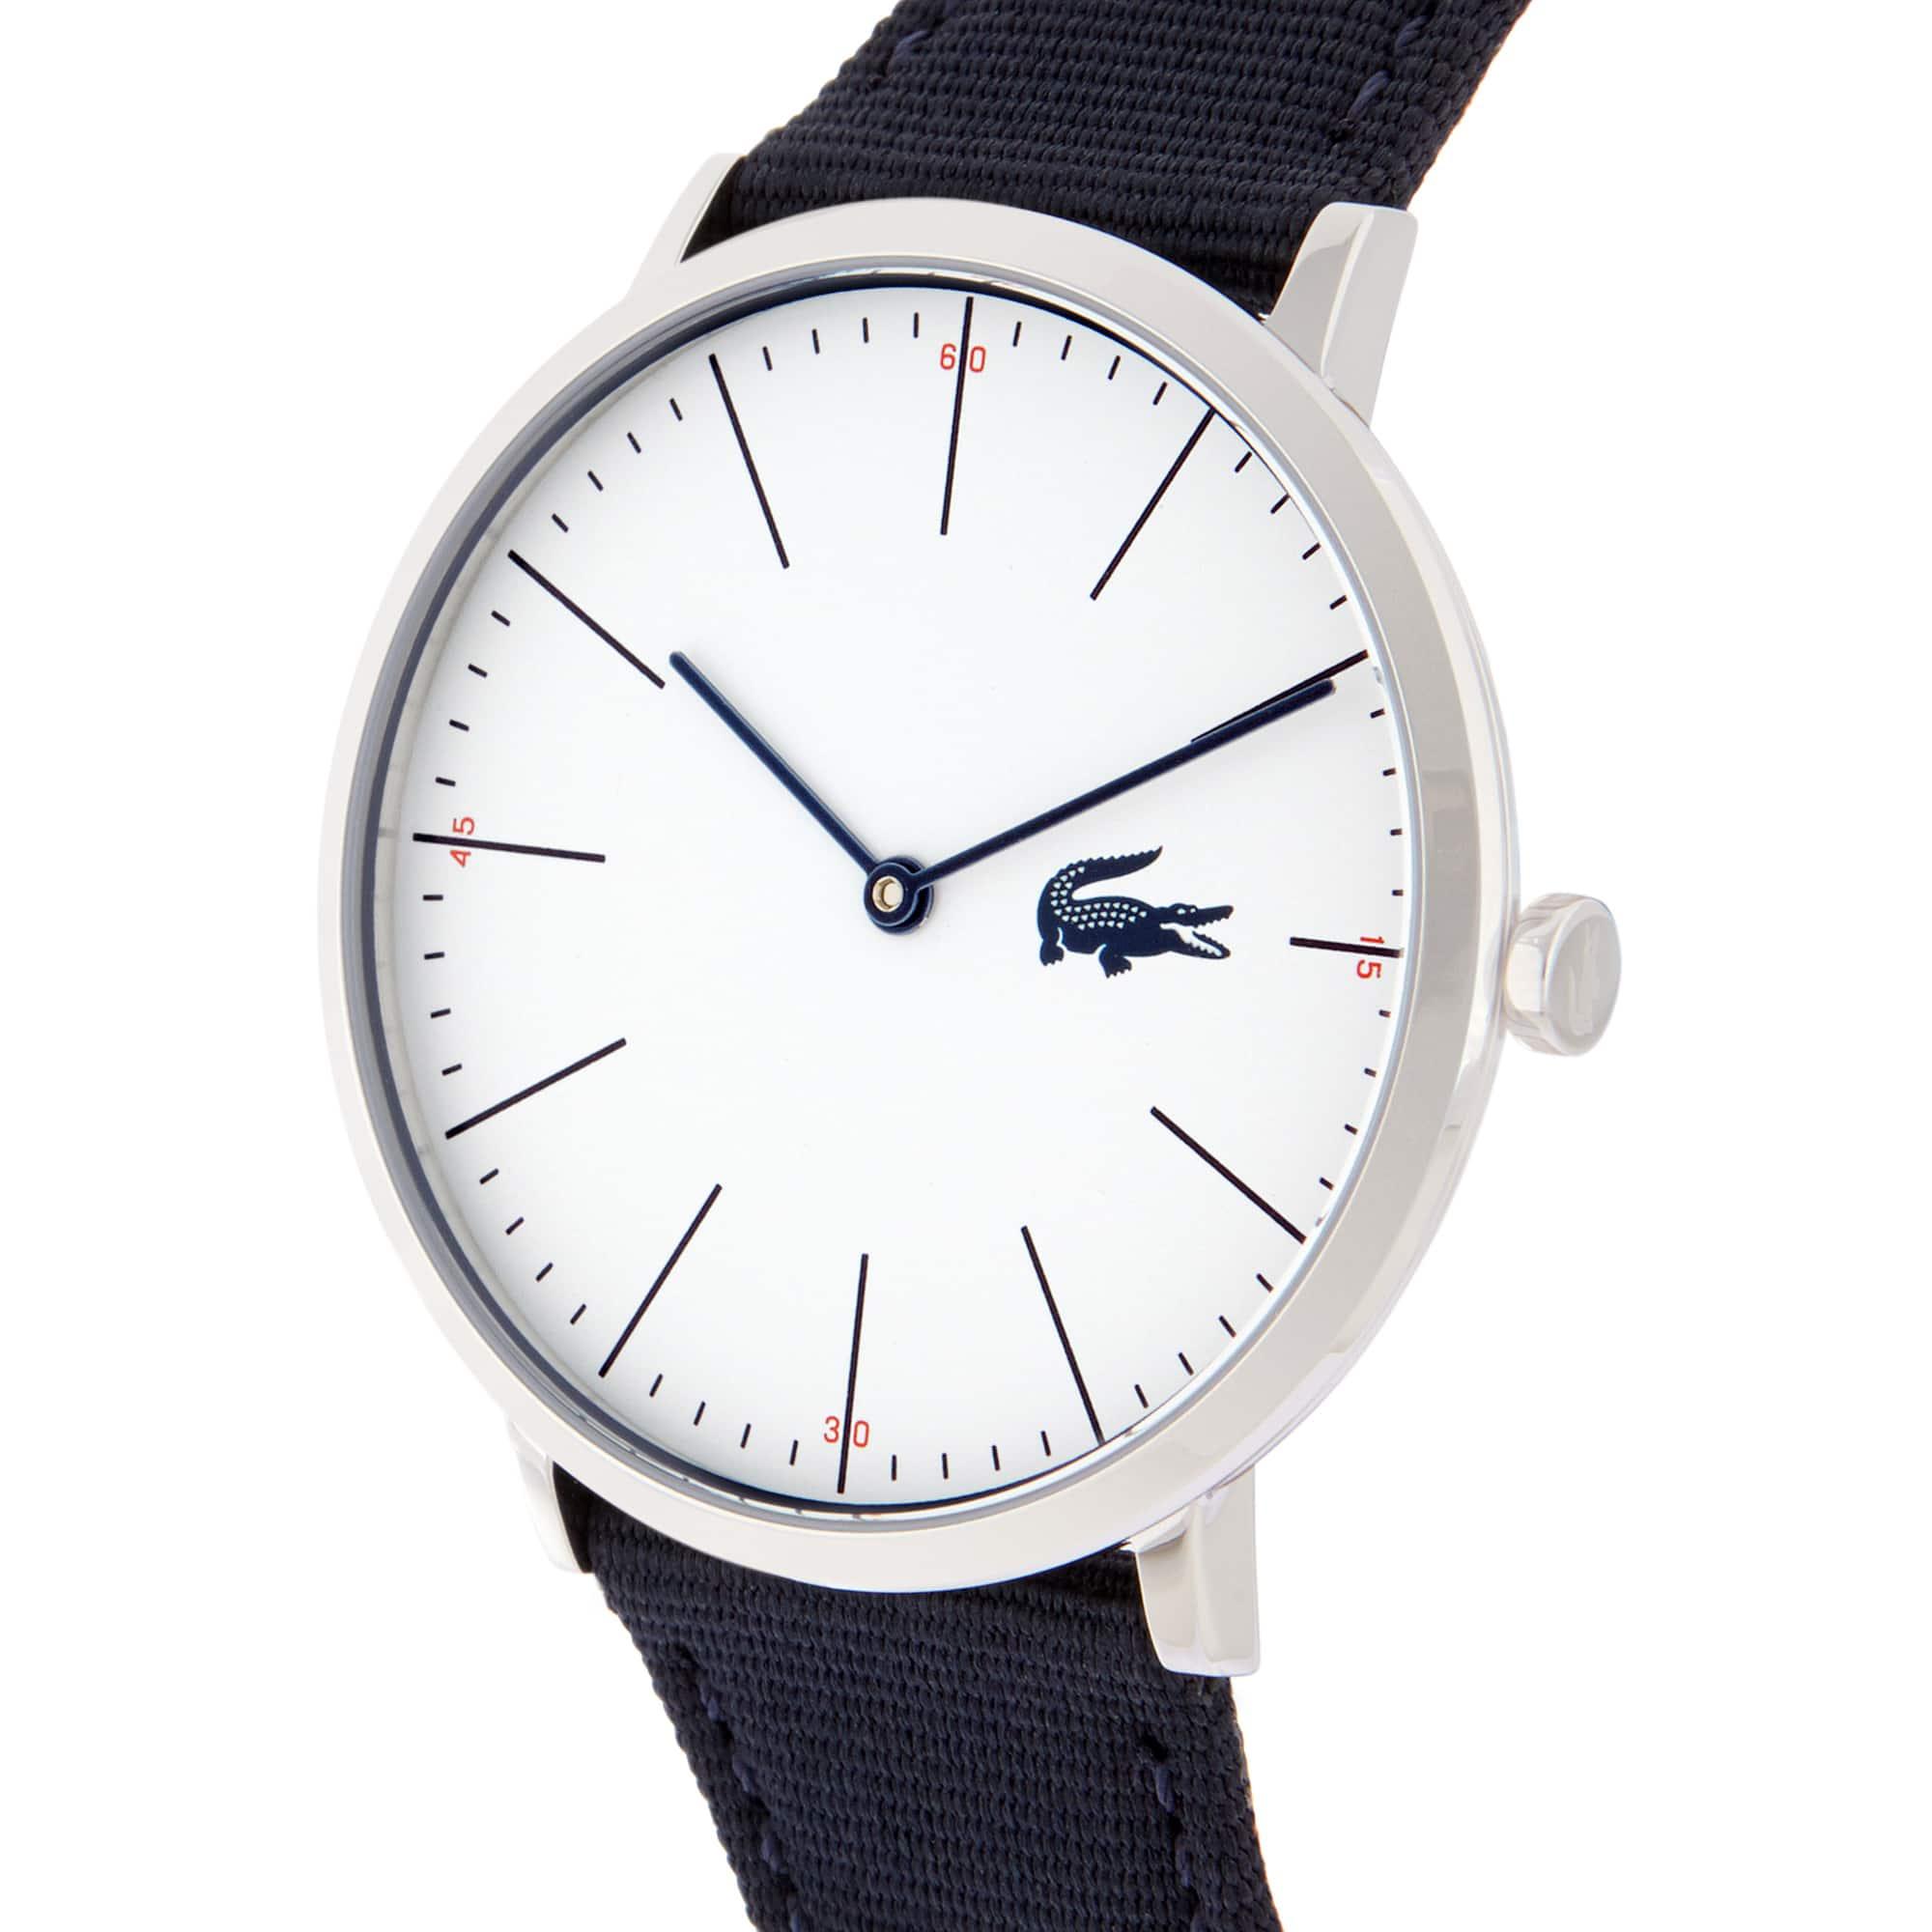 Relógio ultra slim Moon de homem com bracelete de tecido azul